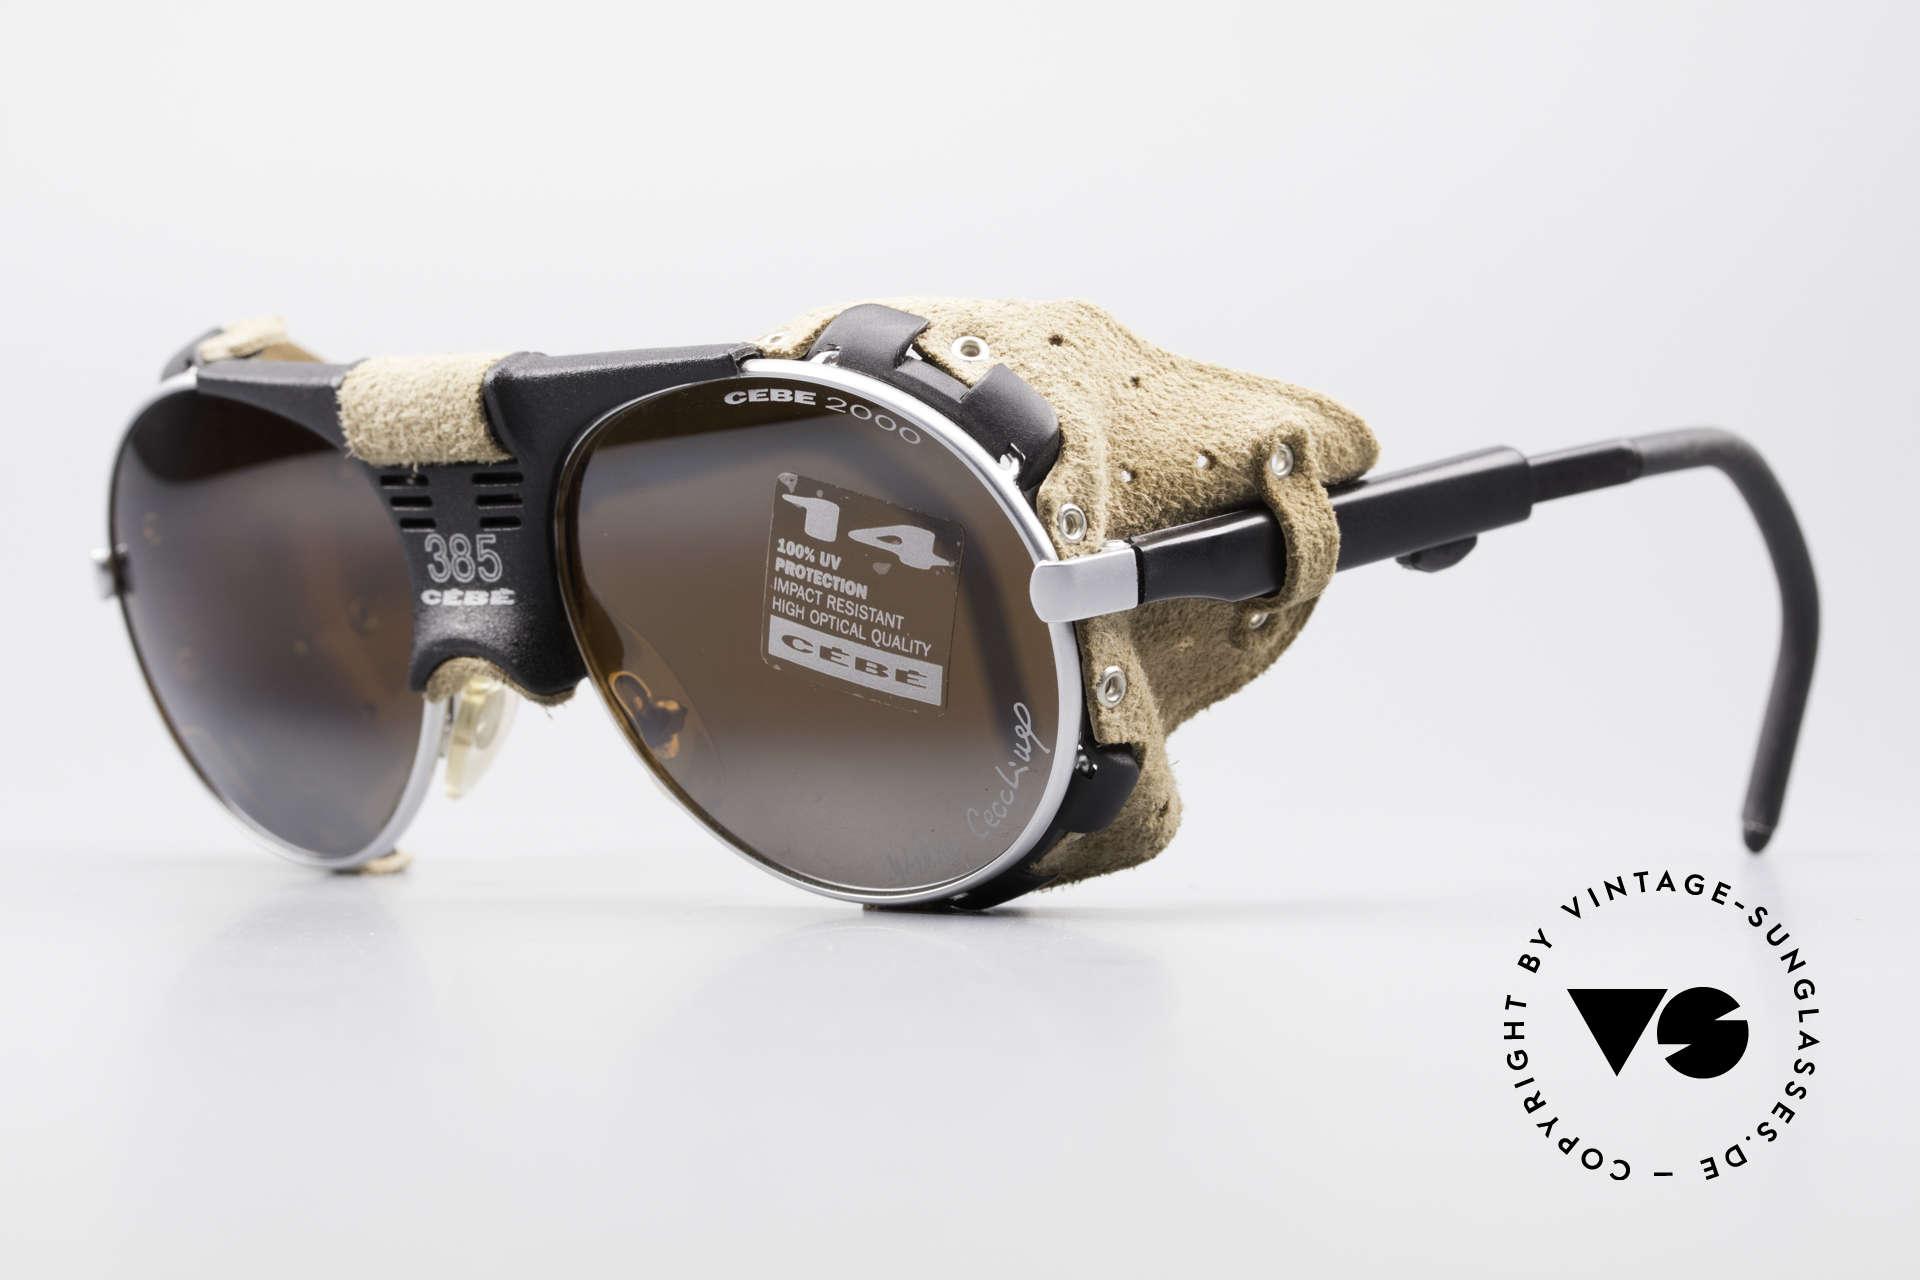 Sunglasses Cebe 385 Walter Cecchinel Ski Shades  f528d9cf06f